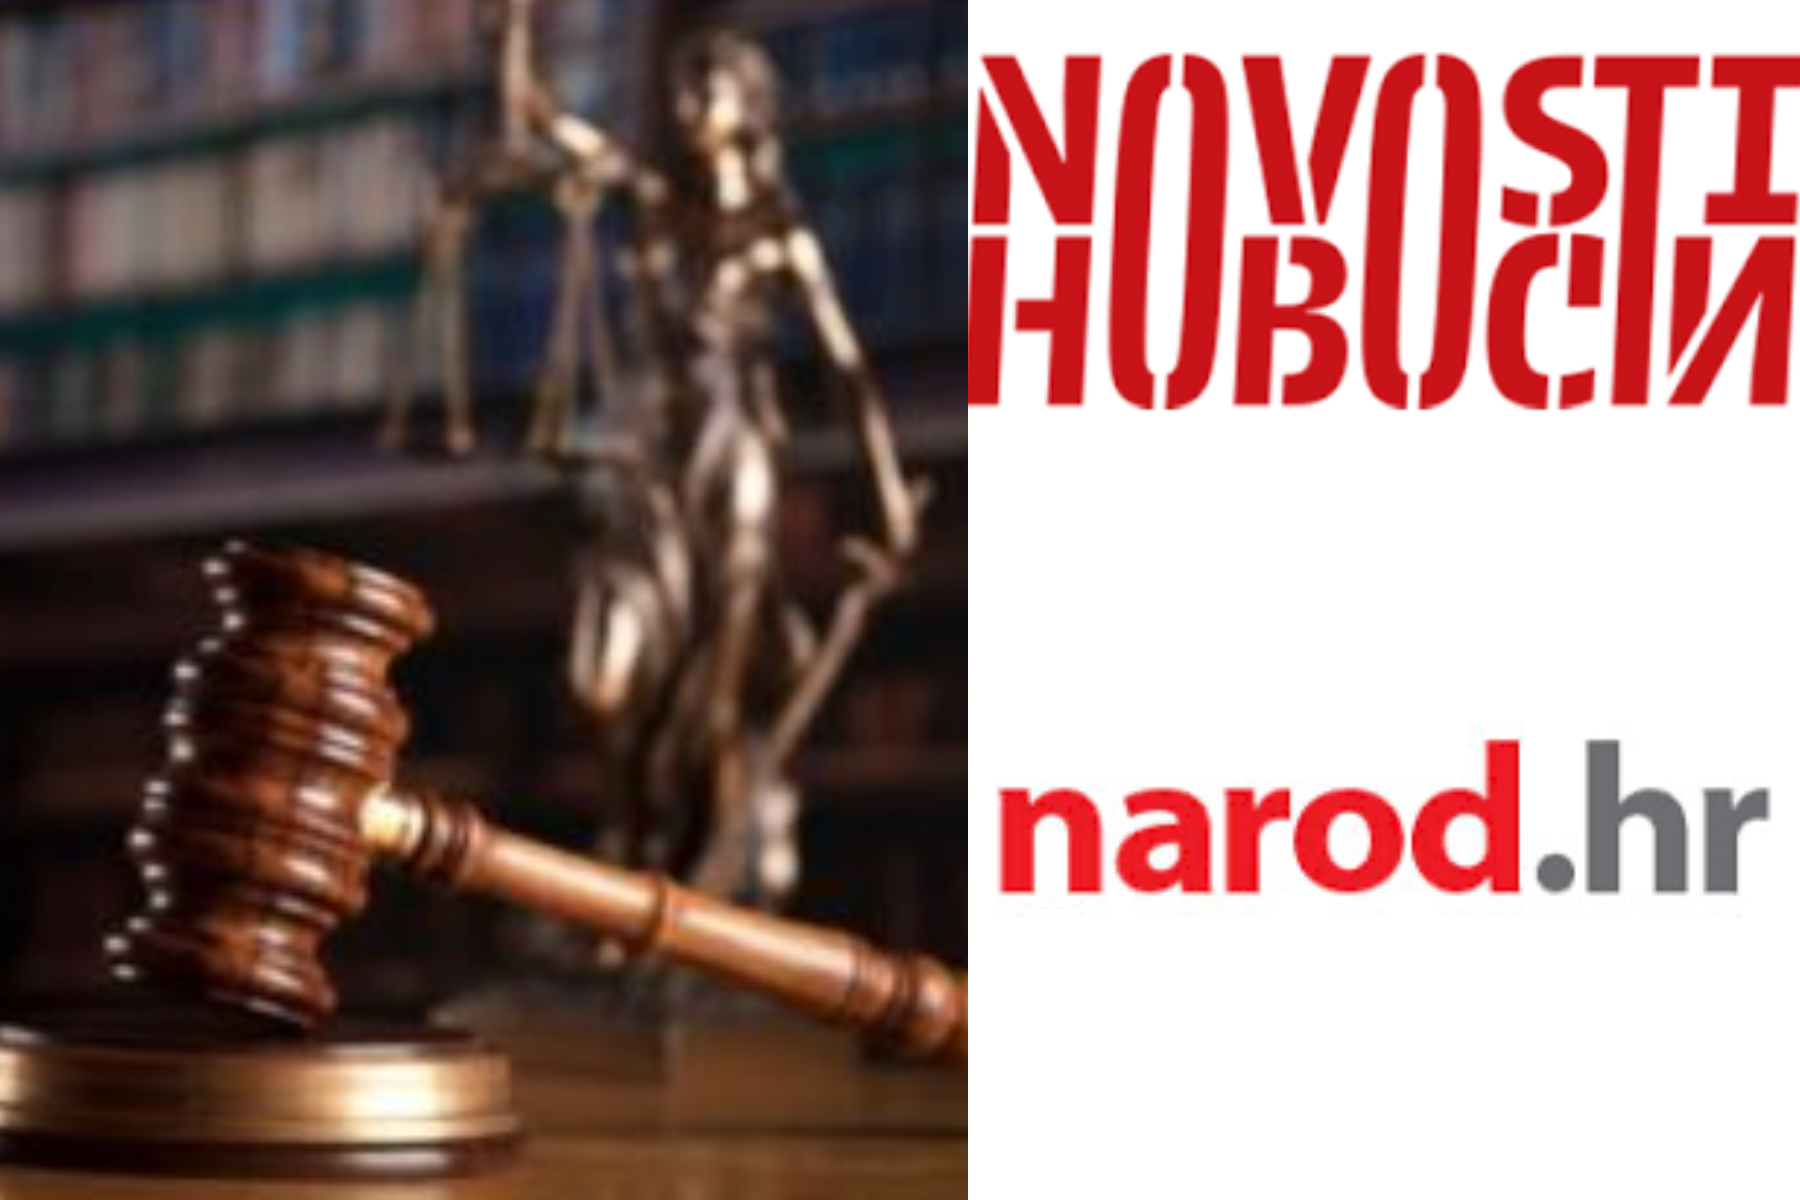 Dvostruki kriteriji sutkinje Krstanović Čada u presudama protiv Narod.hr-a i Novosti/SNV-a